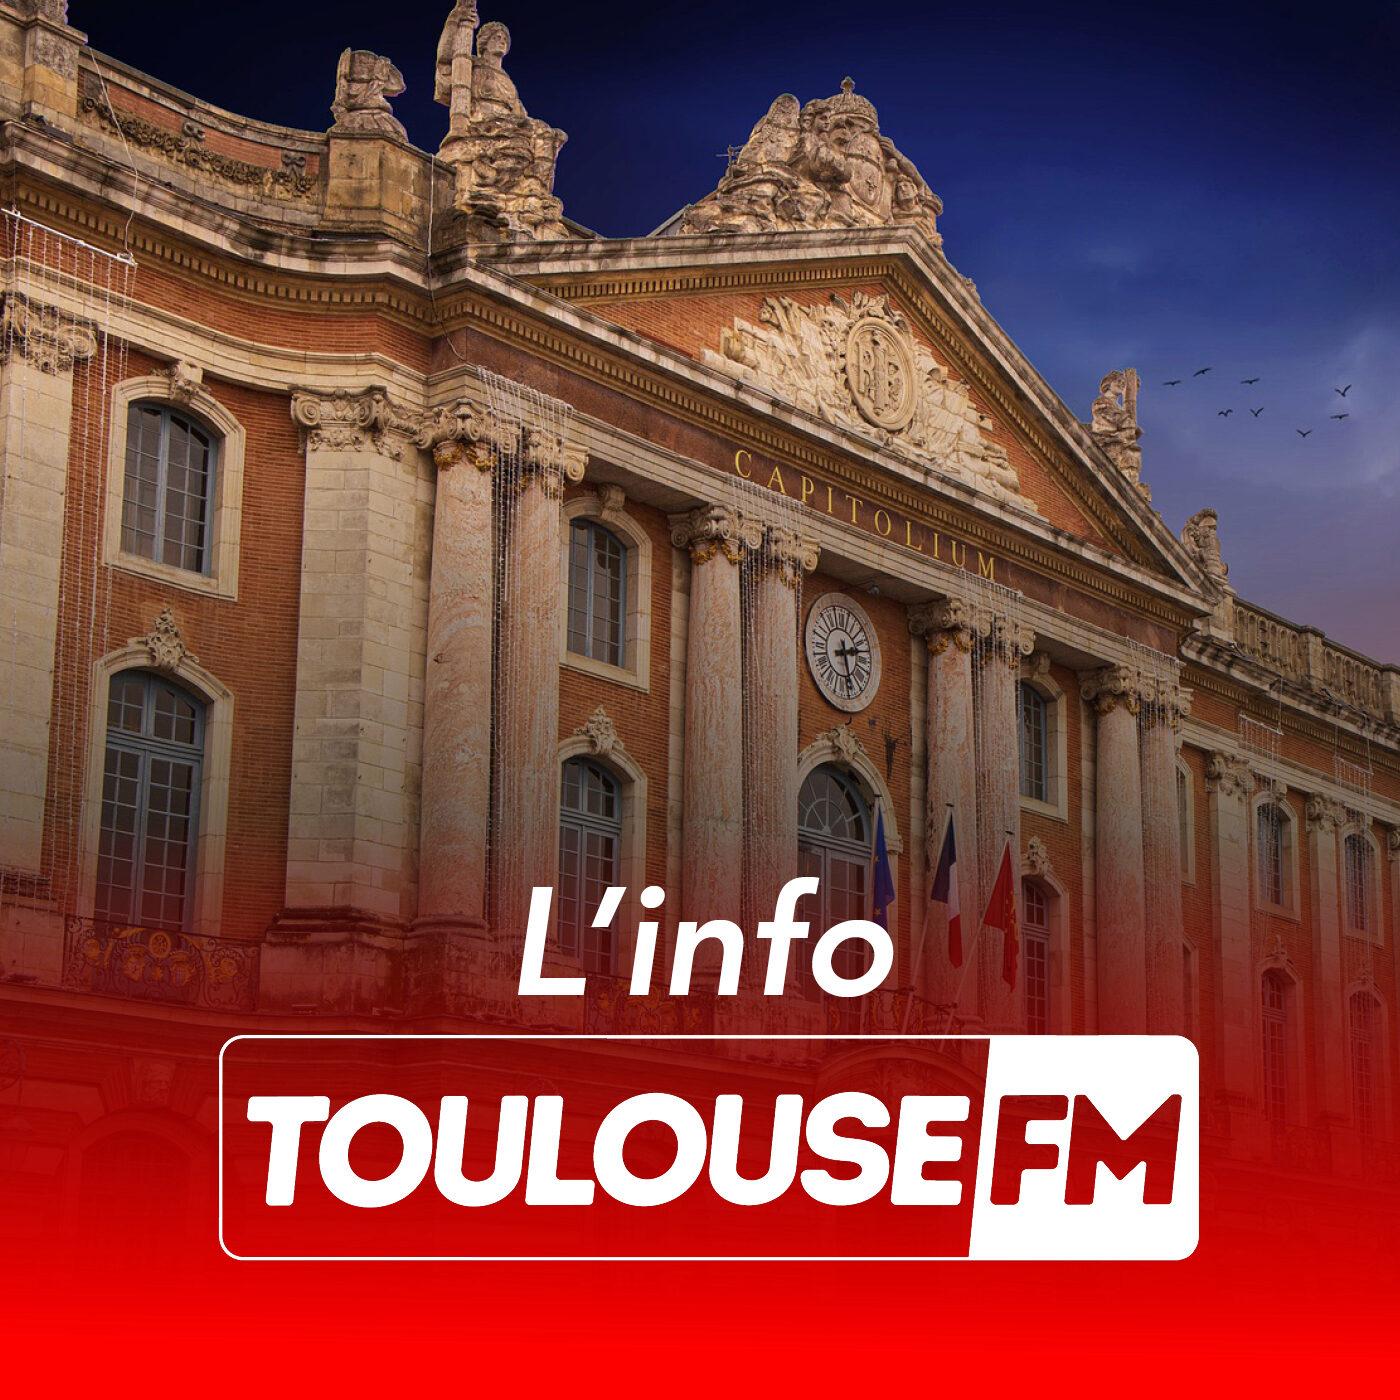 L'info Toulouse FM du 28.09.2021 à 07h02